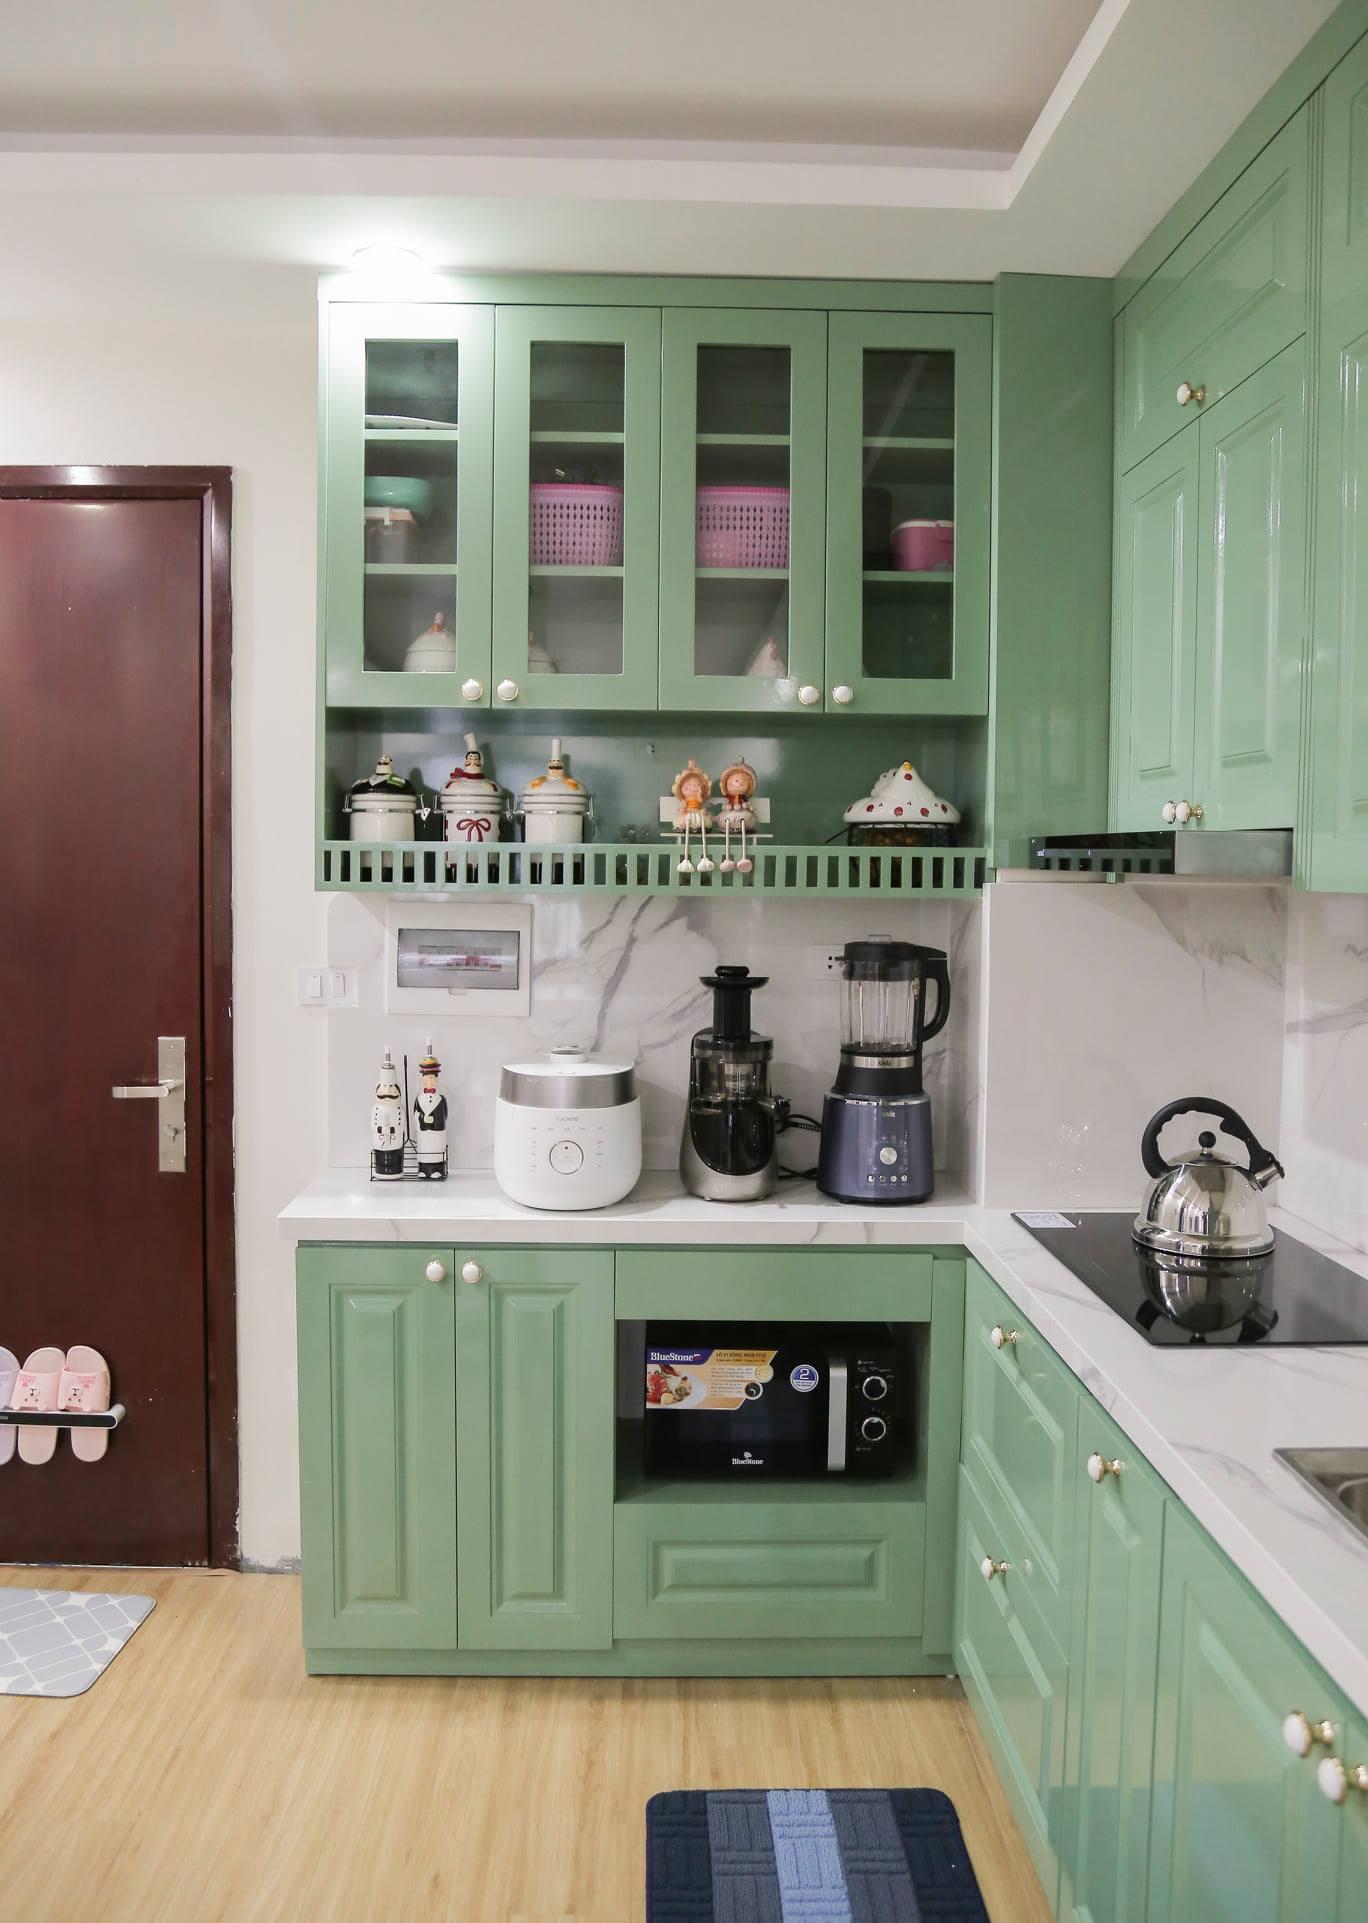 Hệ thống tủ bếp làm bằng gỗ MDF Thái Lan chống ẩm, phủ chất liệu Melamin.